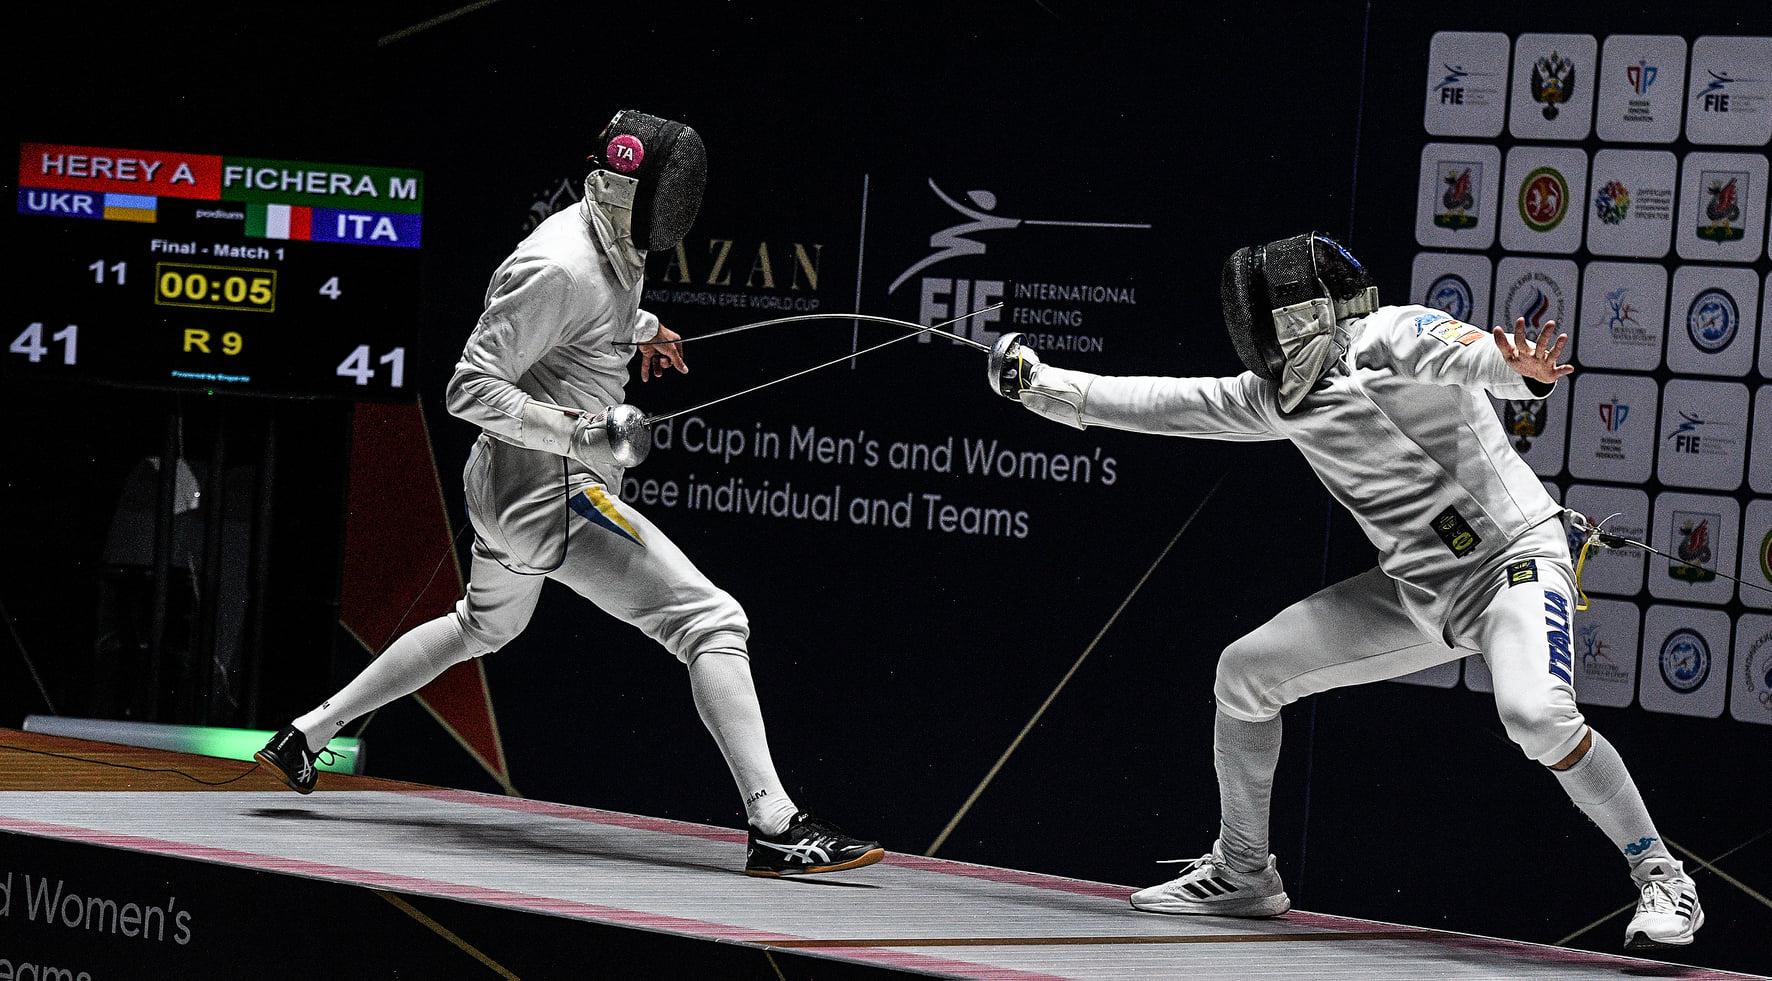 Харьковский шпажист добыл олимпийскую лицензию в составе команды (фото)